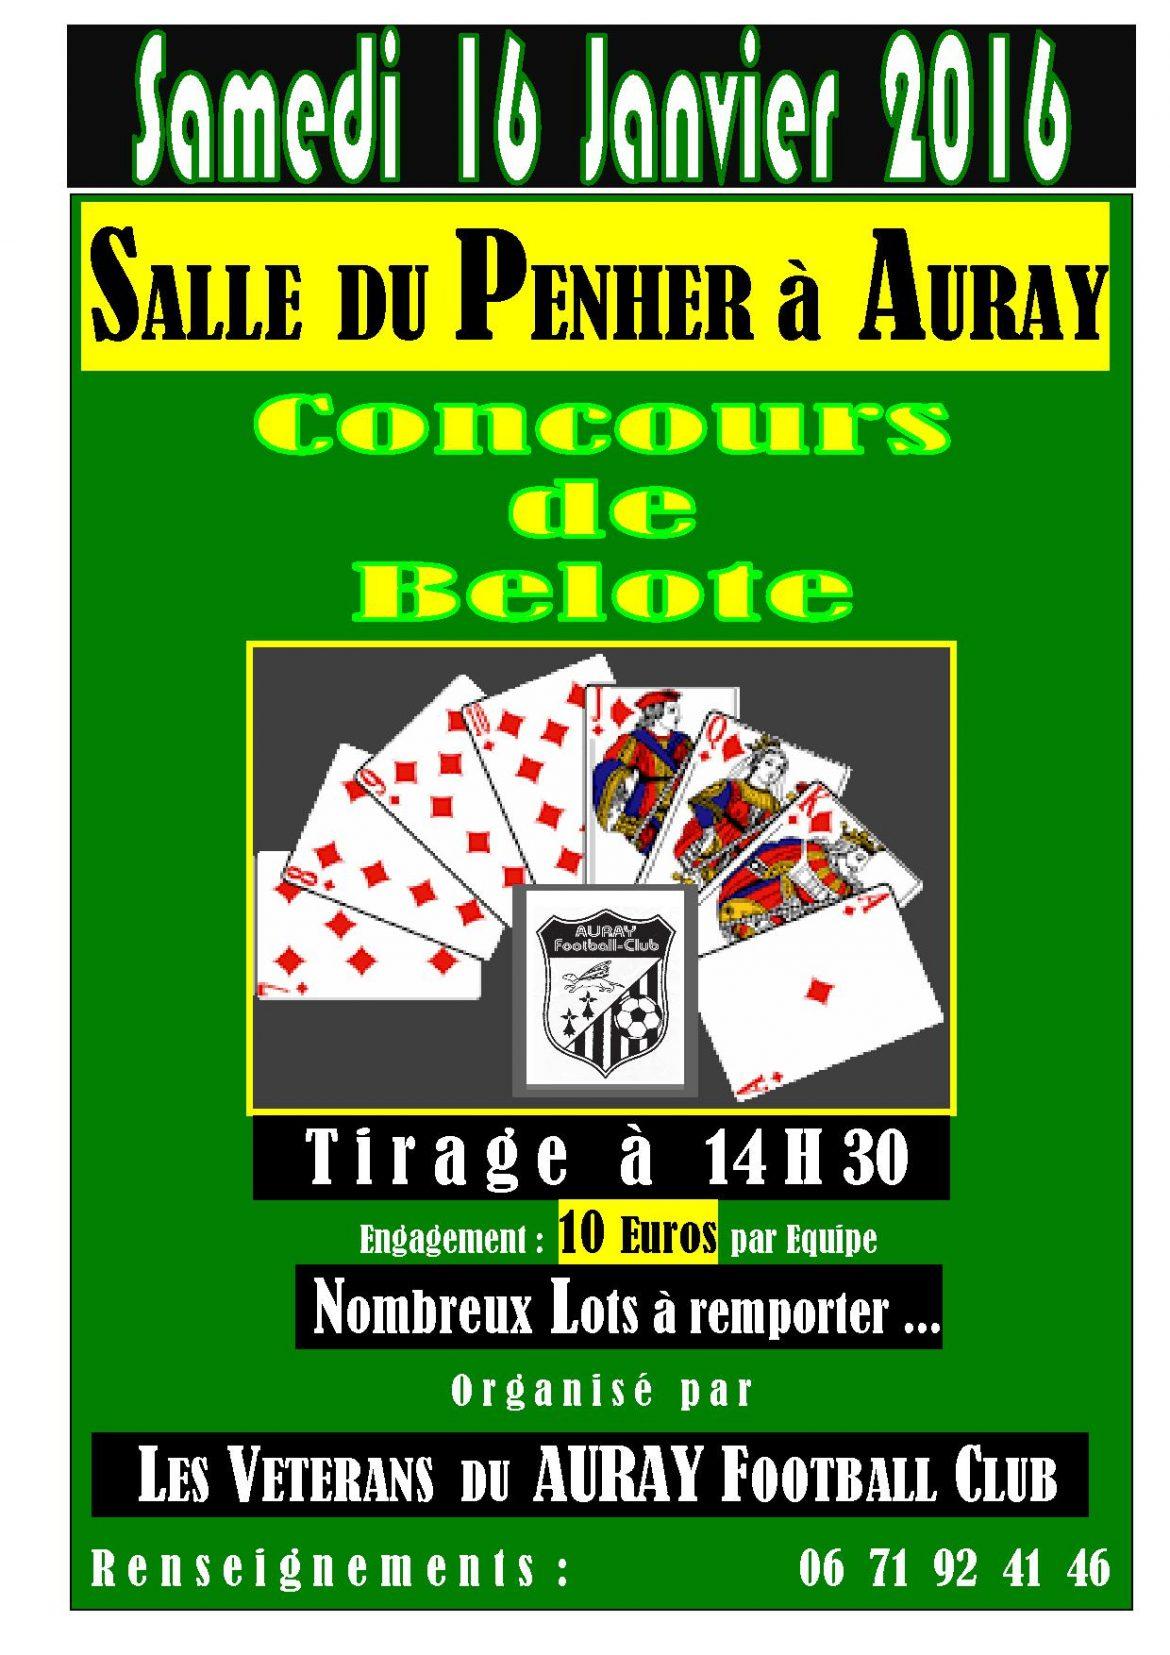 Concours de belote le 16 janvier 2016 à Auray (56)